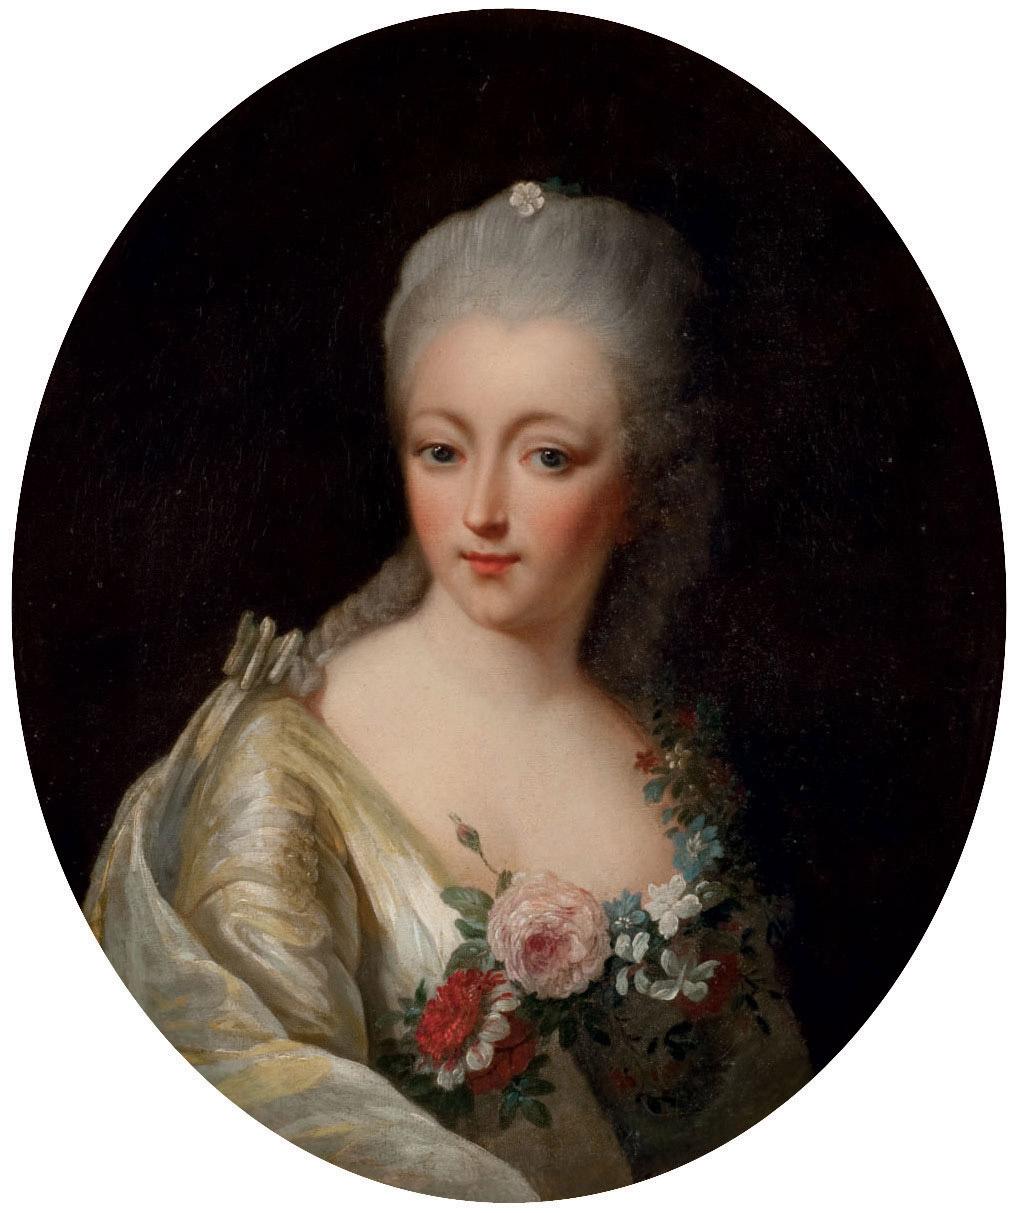 Portrait présumé de la Comtesse du Barry